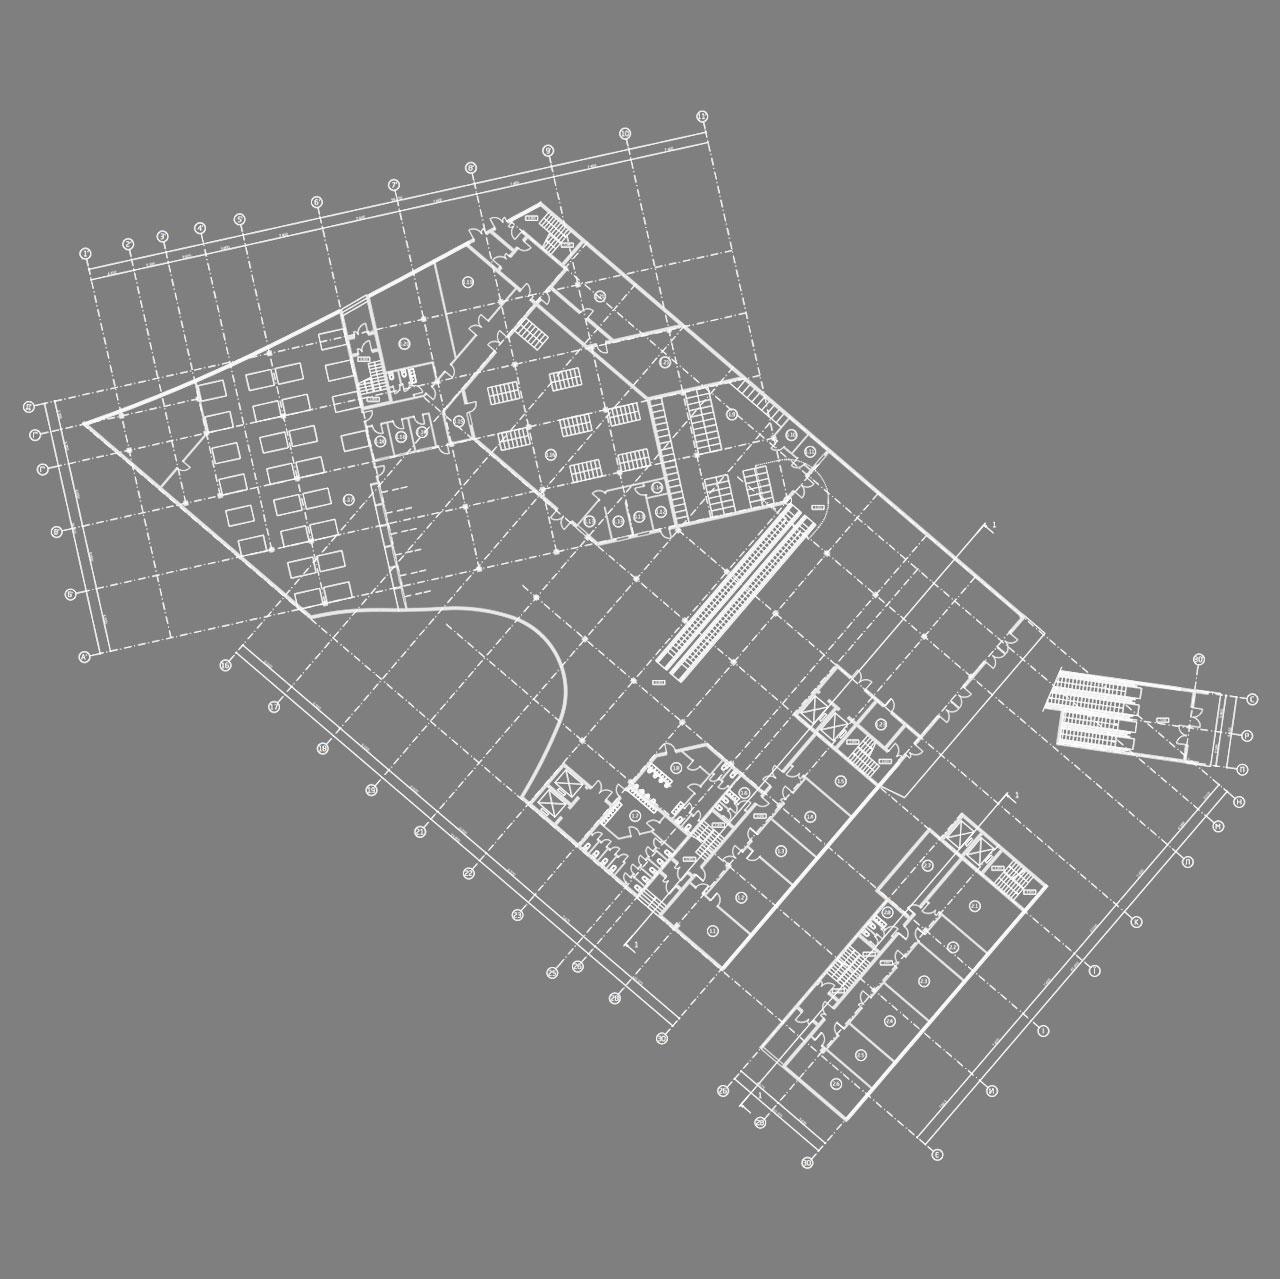 транспортный узел план вокзала